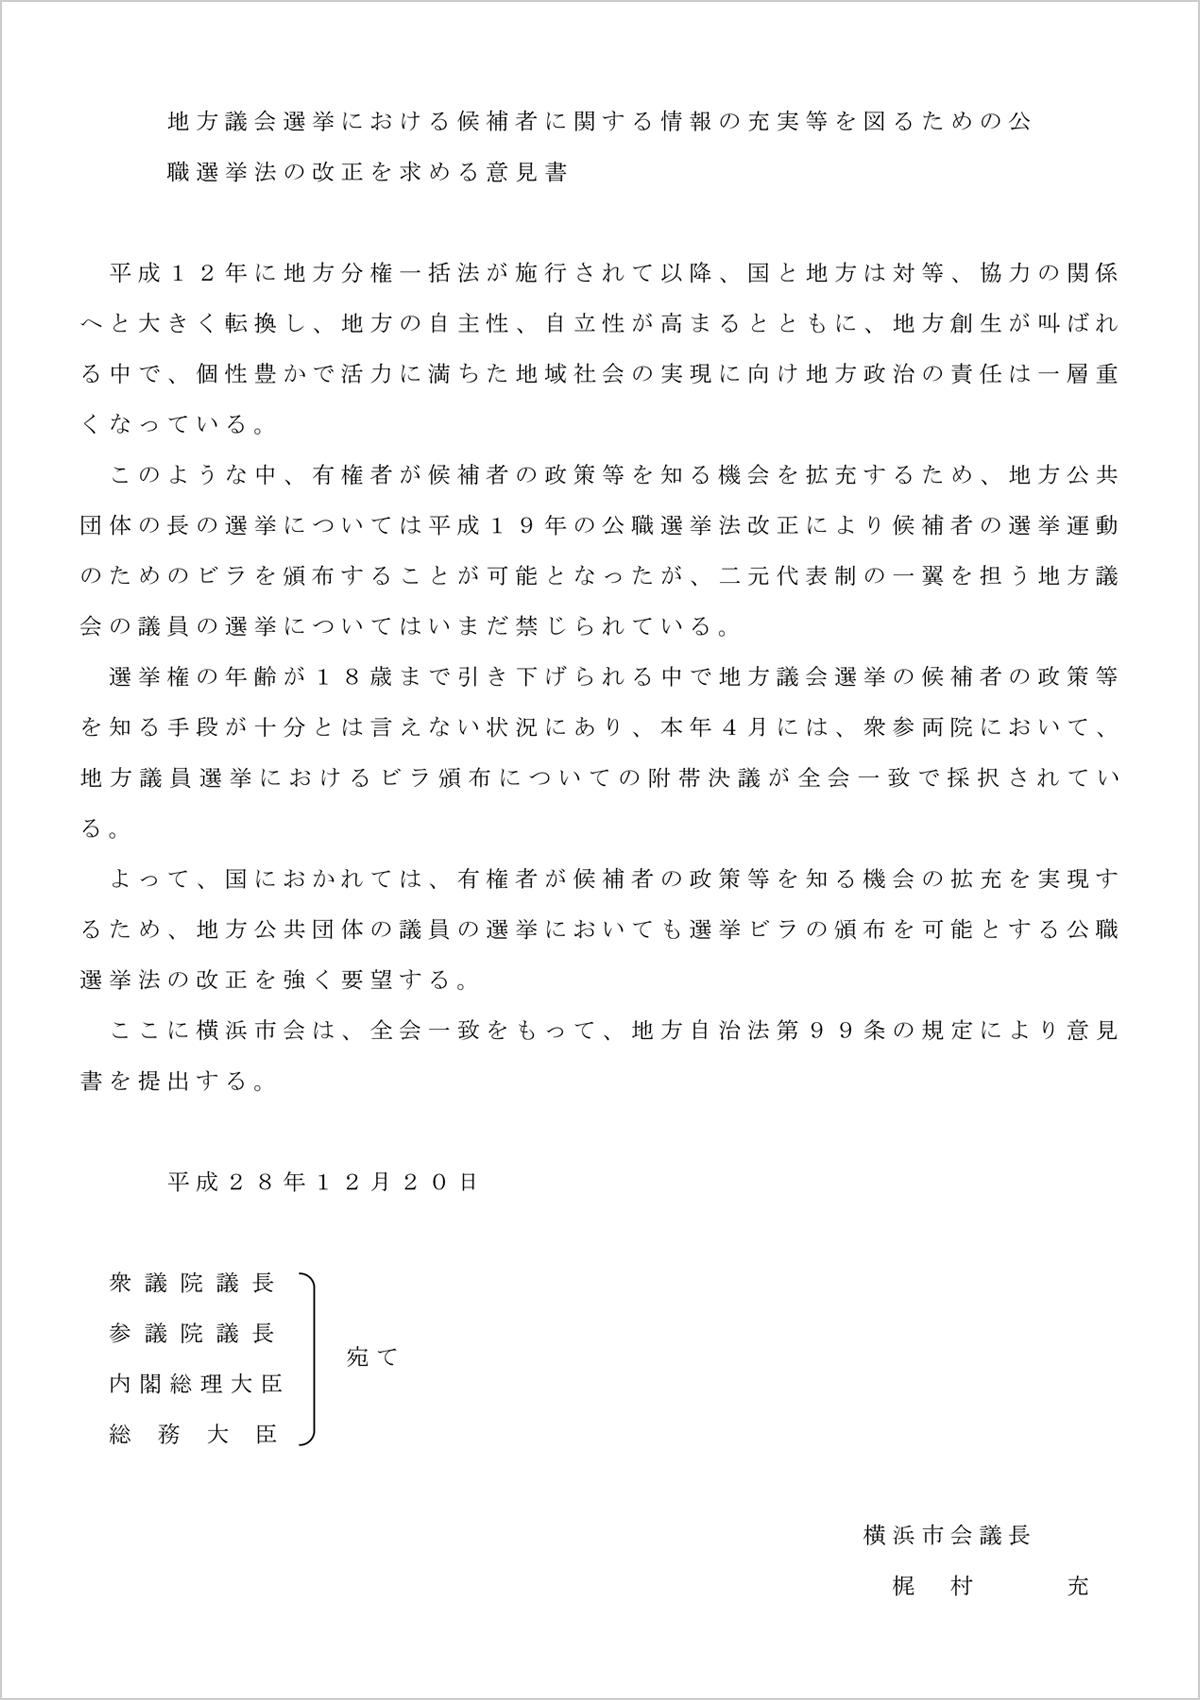 横浜市会の公選法改正を求める意見書